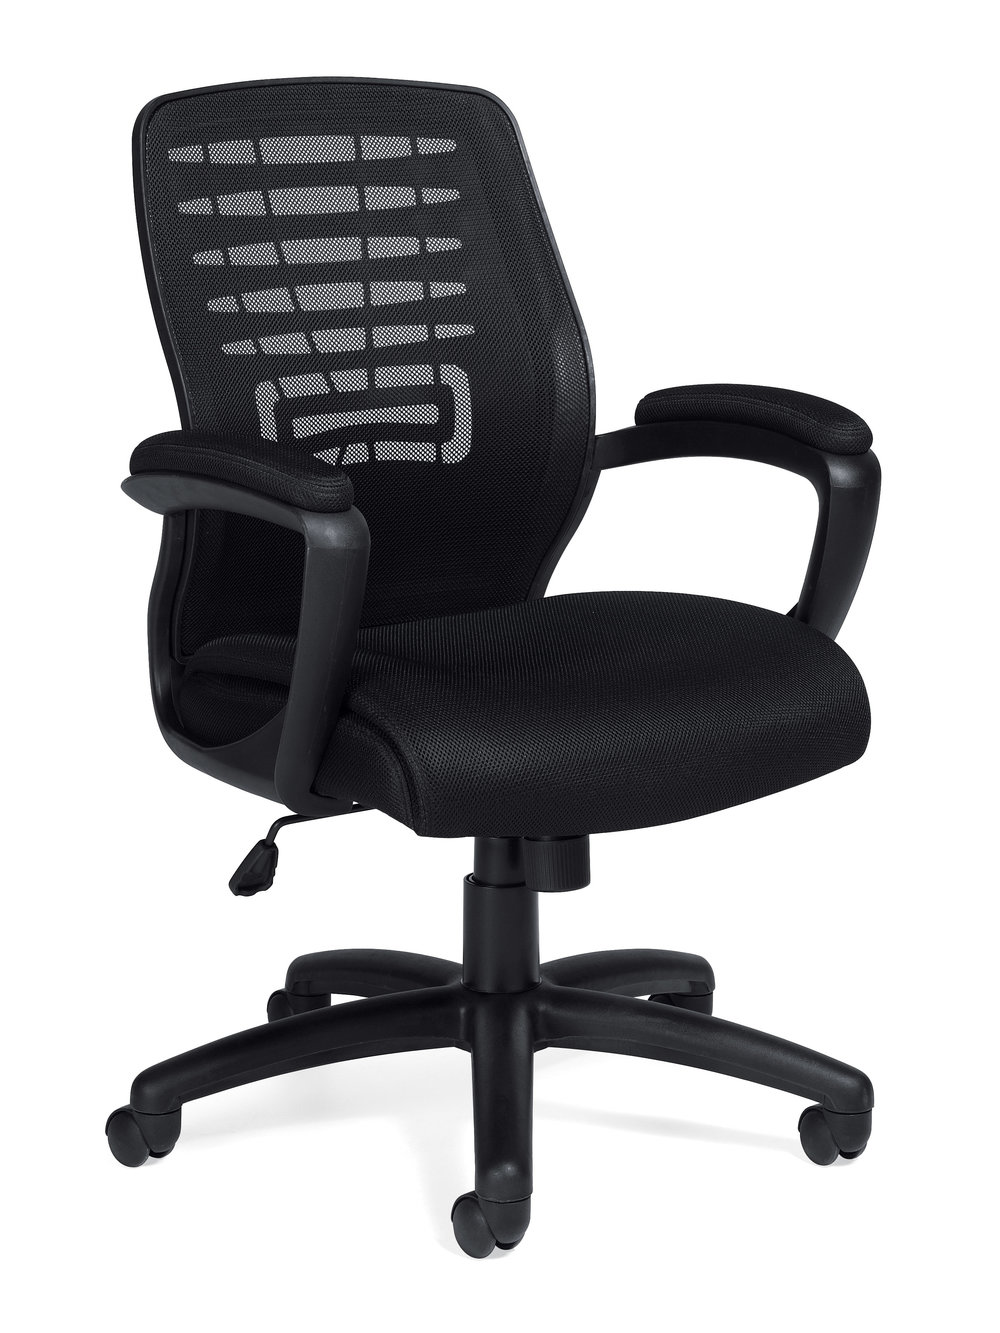 OTG1175OB Mesh Back Manager's Chair